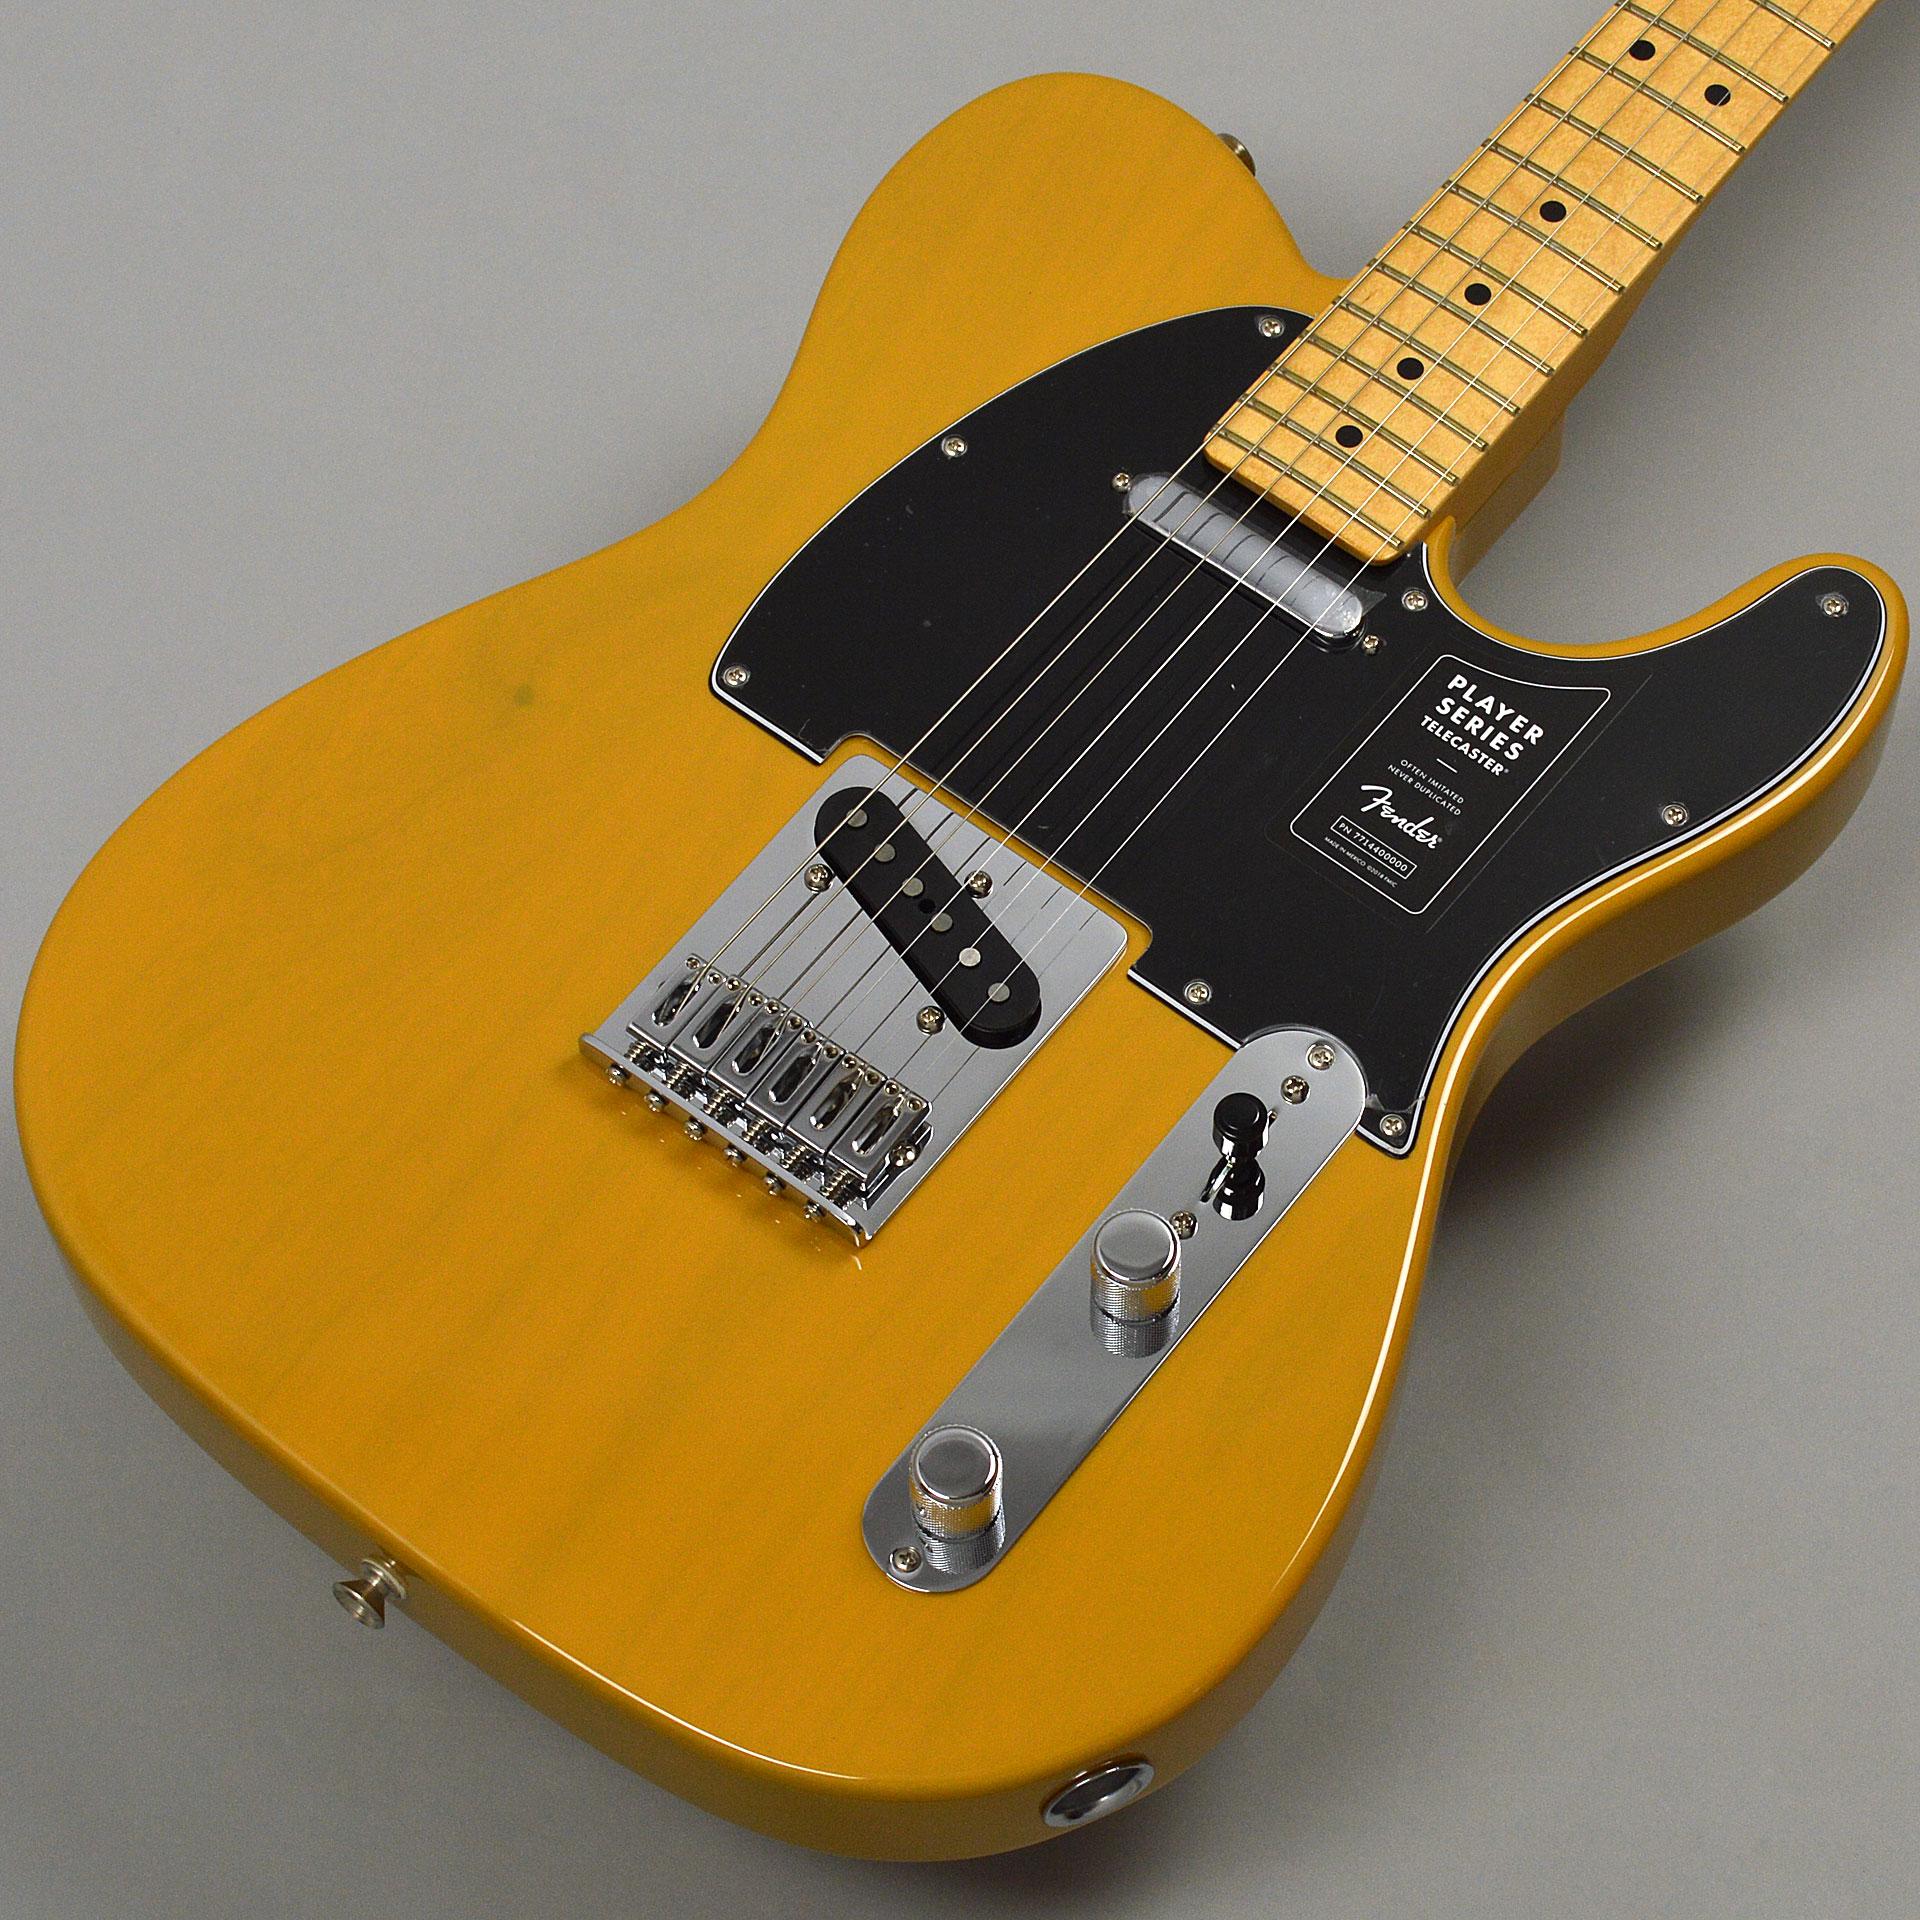 Fender PLAYER TELECASTER/Mapleサムネ画像